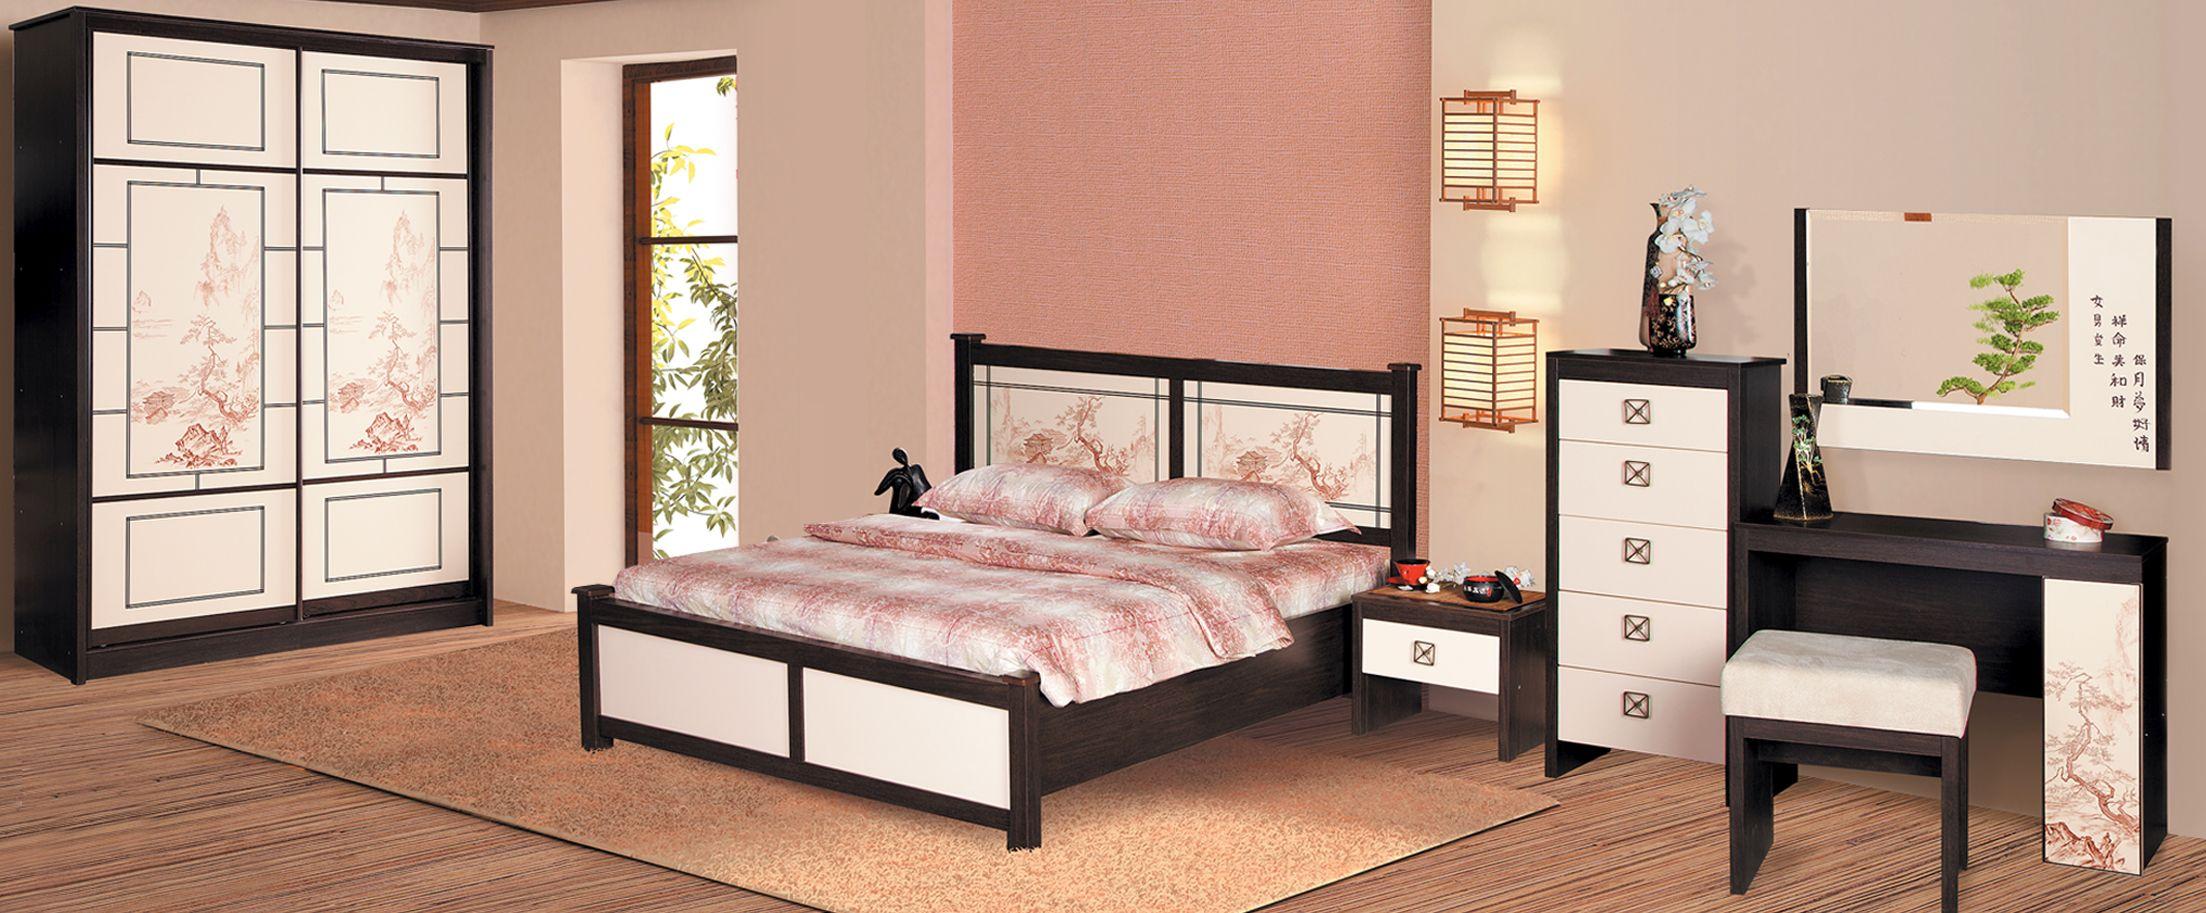 Спальня Киото Модель 904 от MOON TRADE